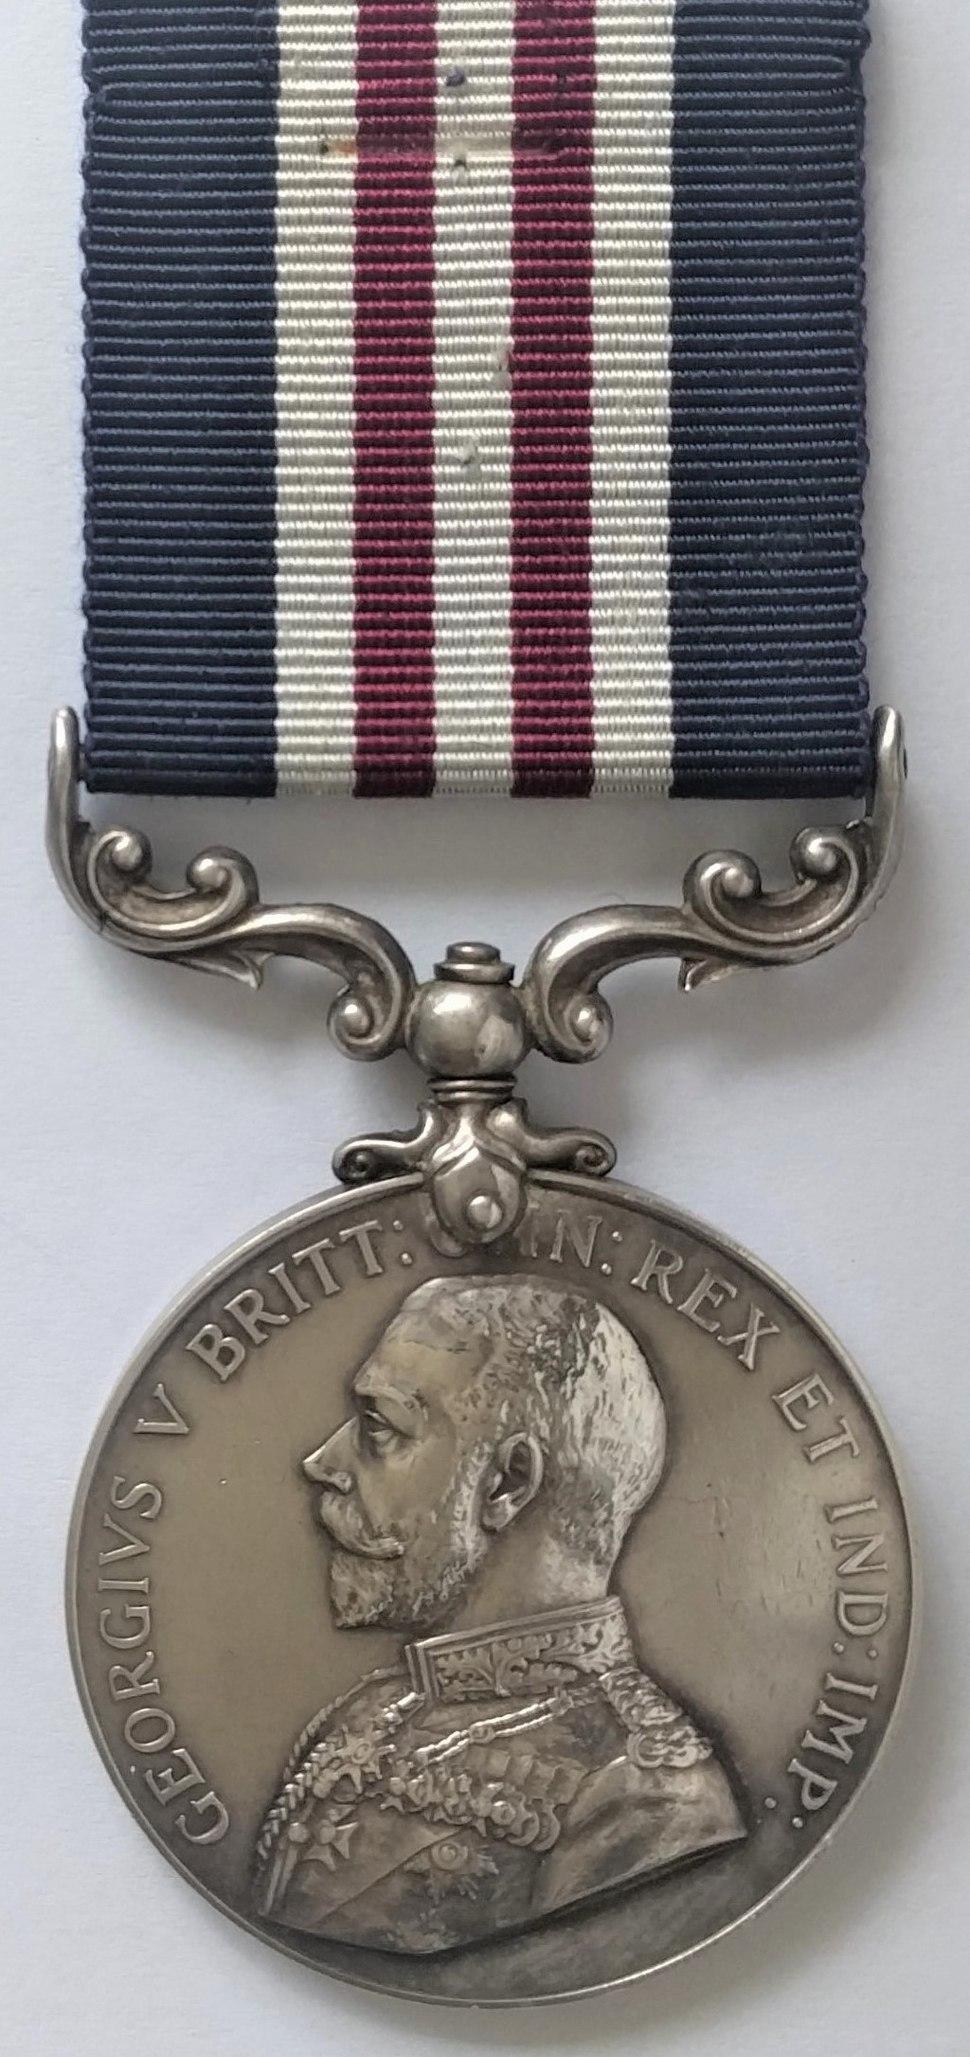 Military Medal, George V version (Obverse)